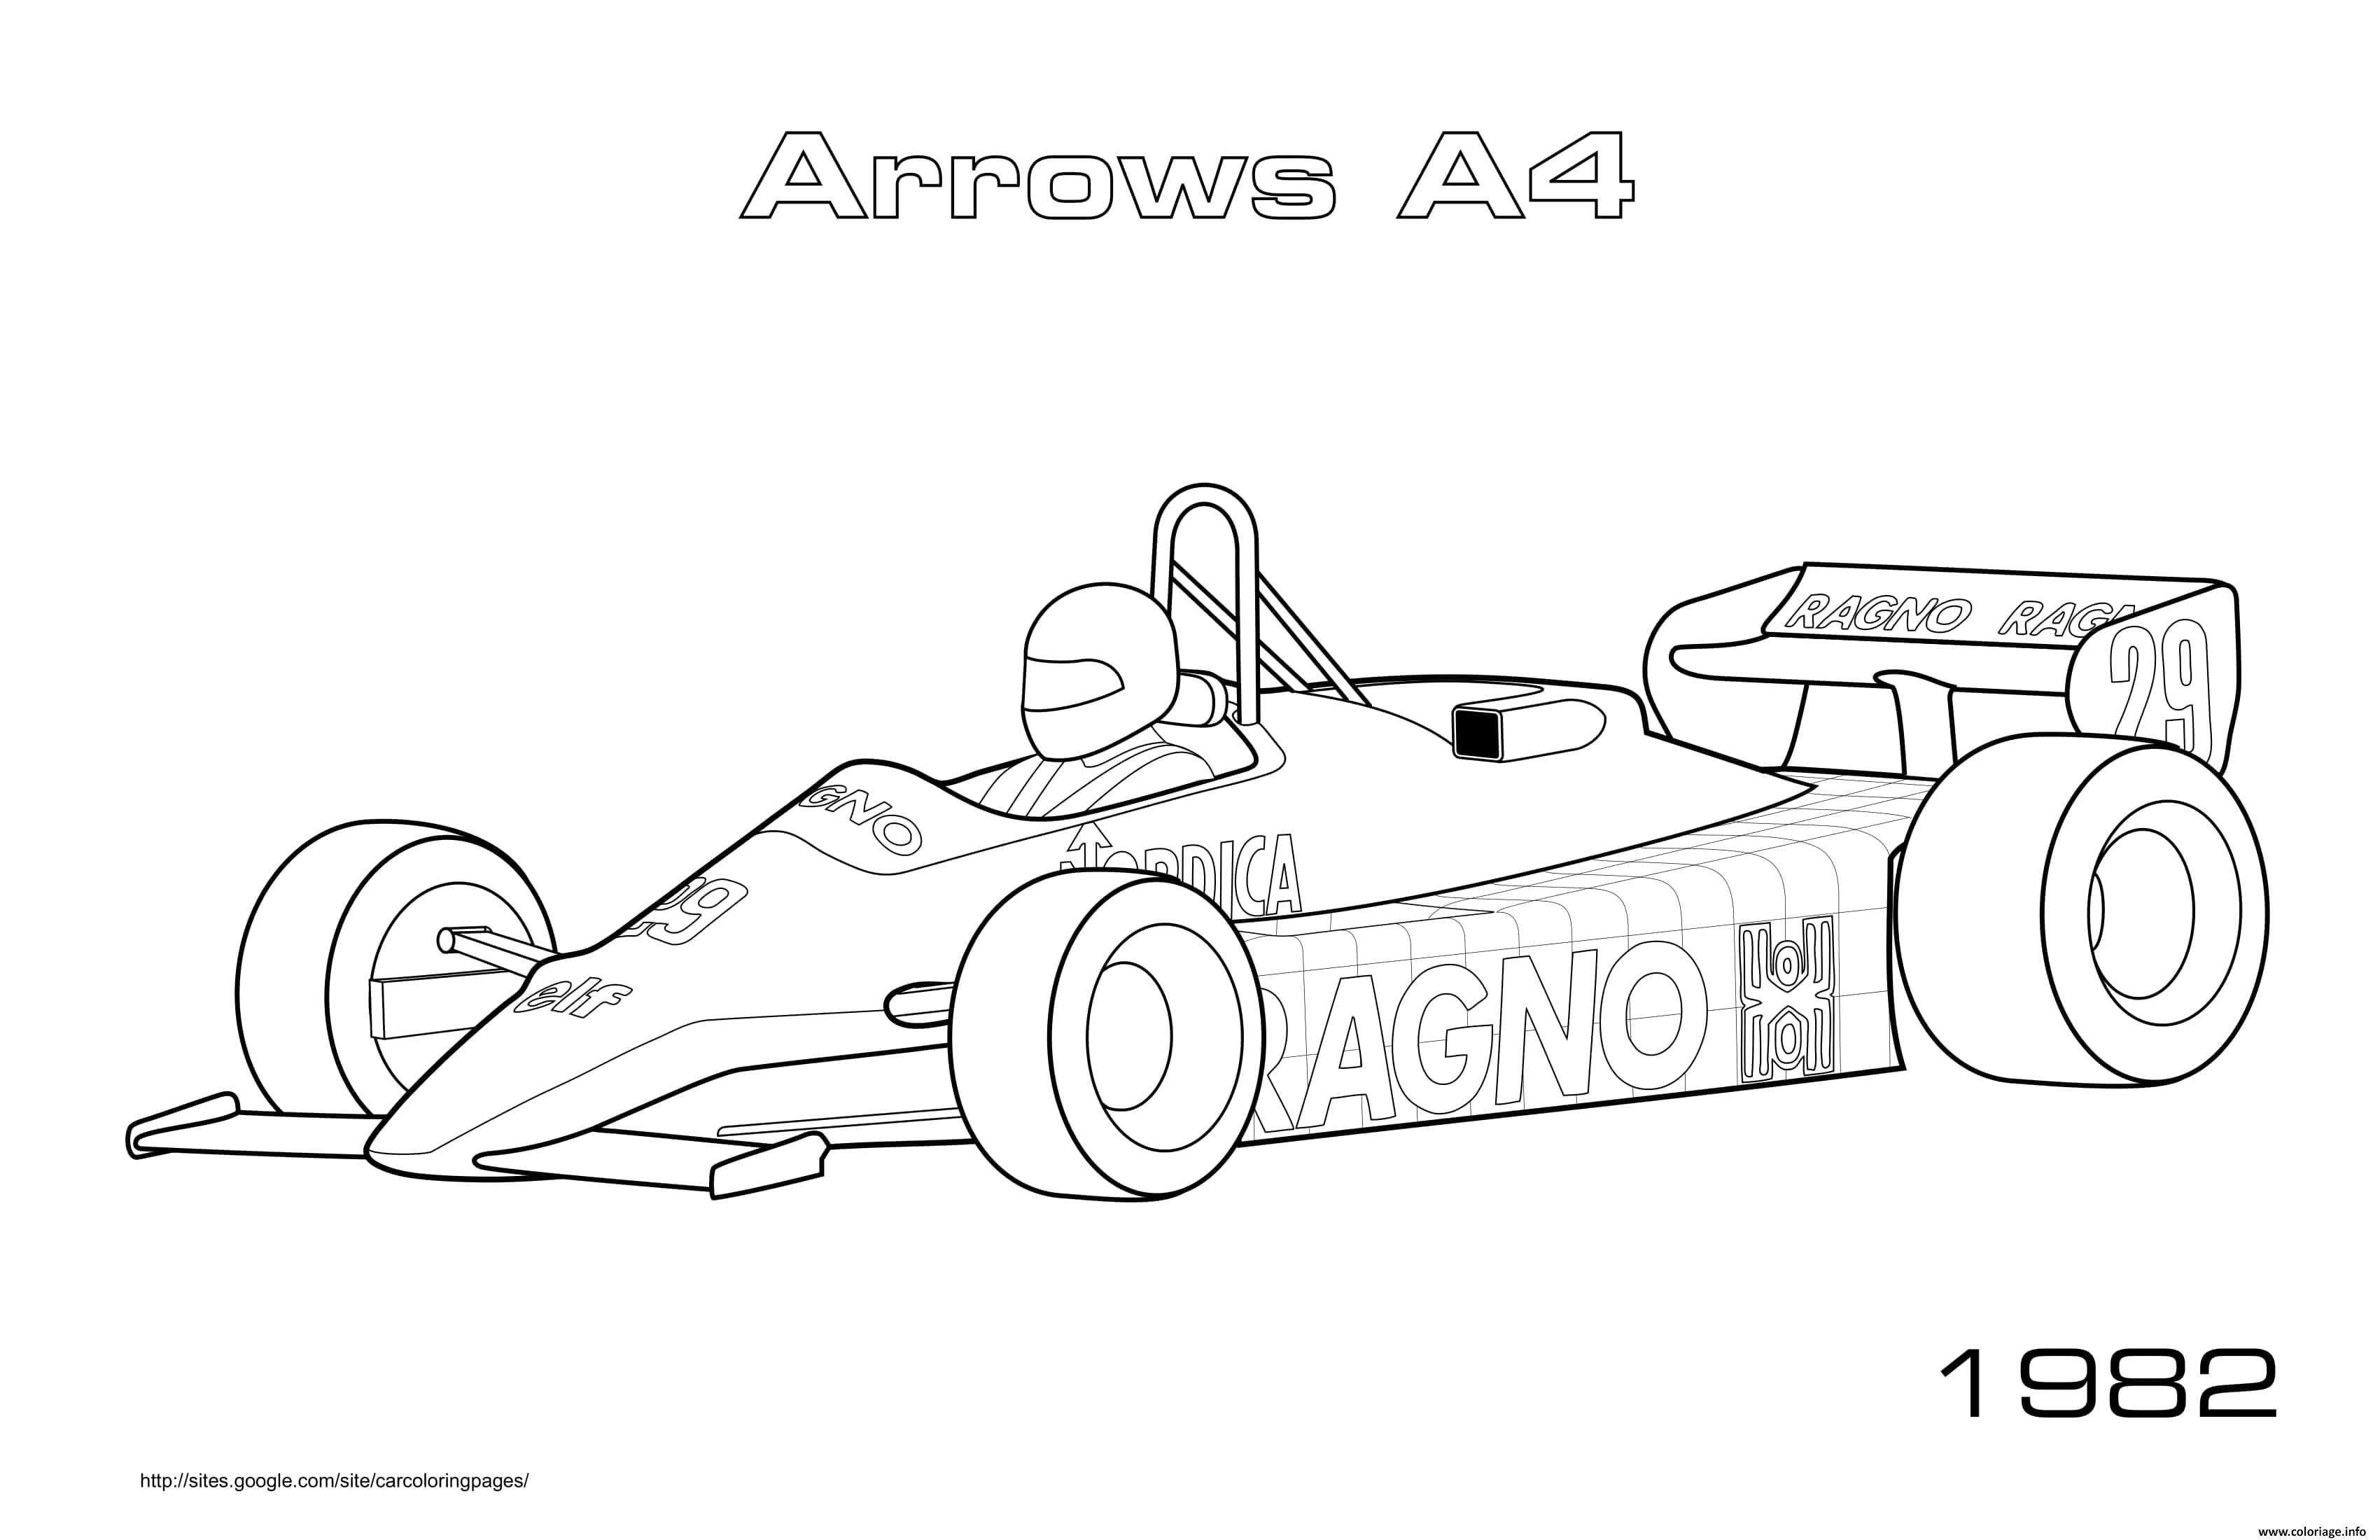 Dessin Arrows A4 1982 Coloriage Gratuit à Imprimer